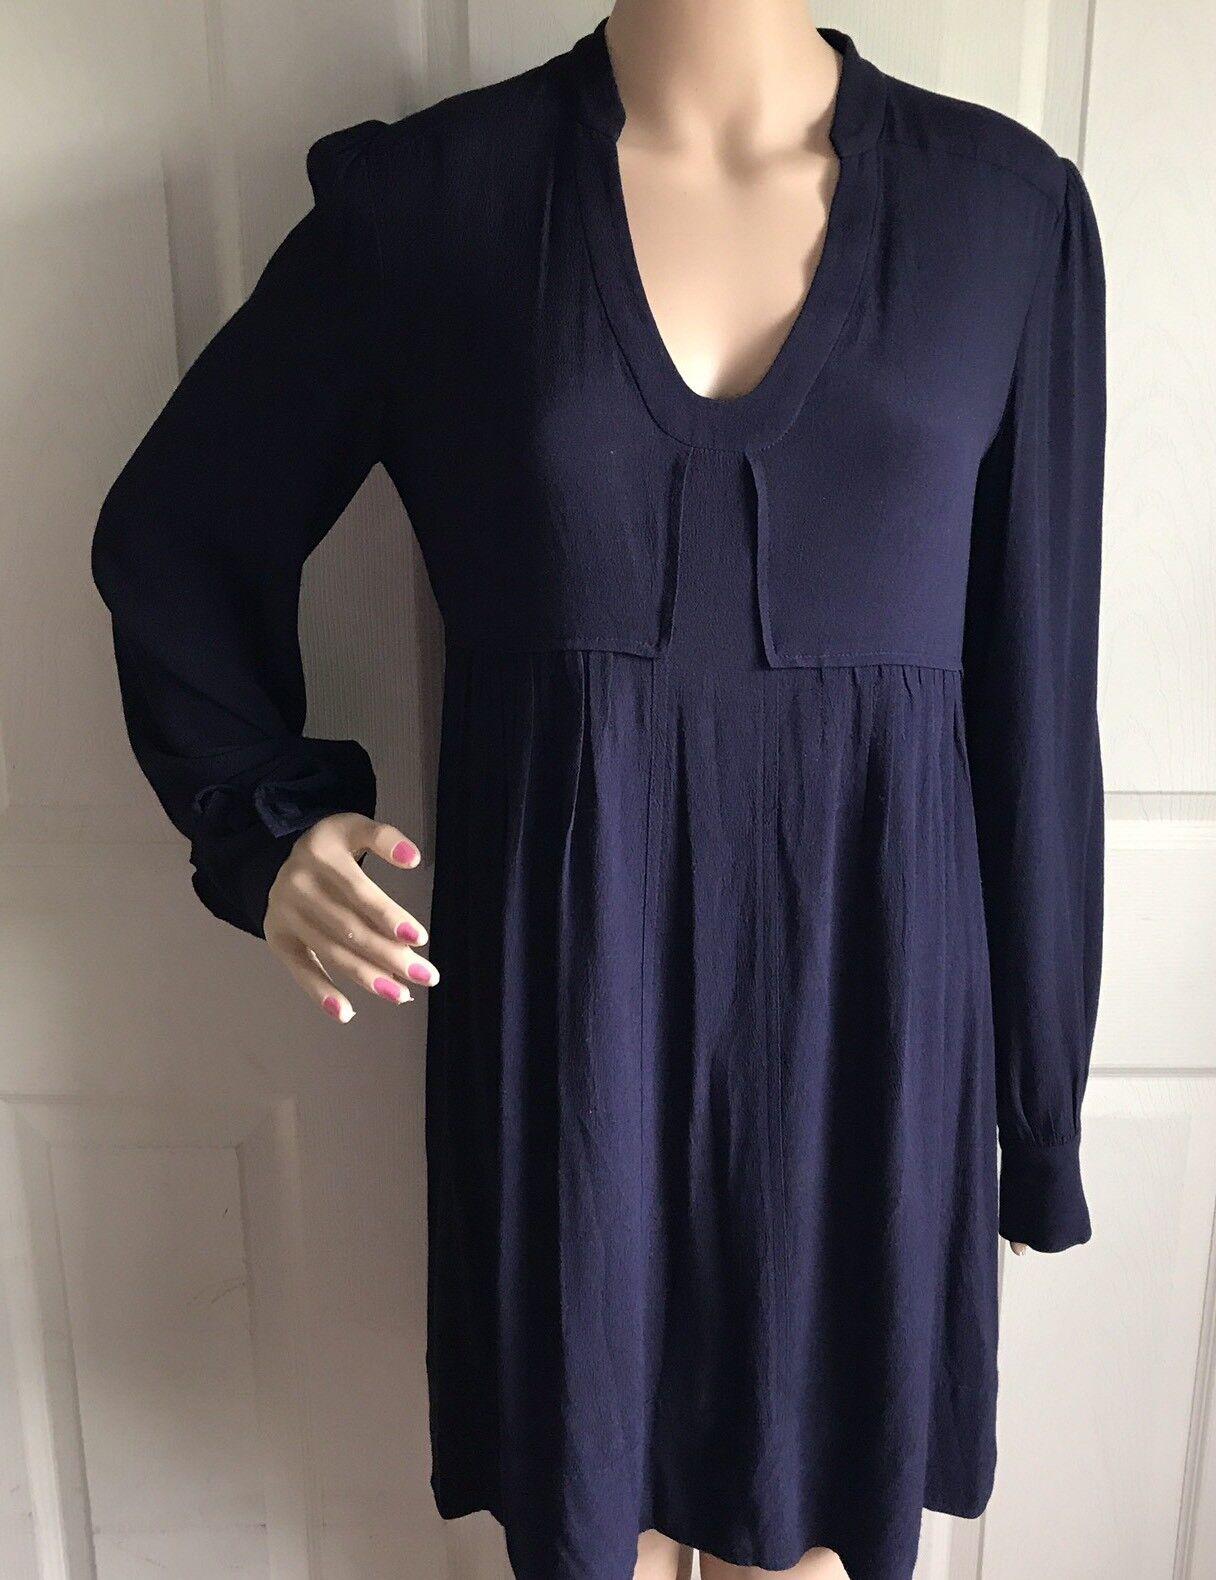 Diane von Furstenberg damen Navy Blau dress Größe 2